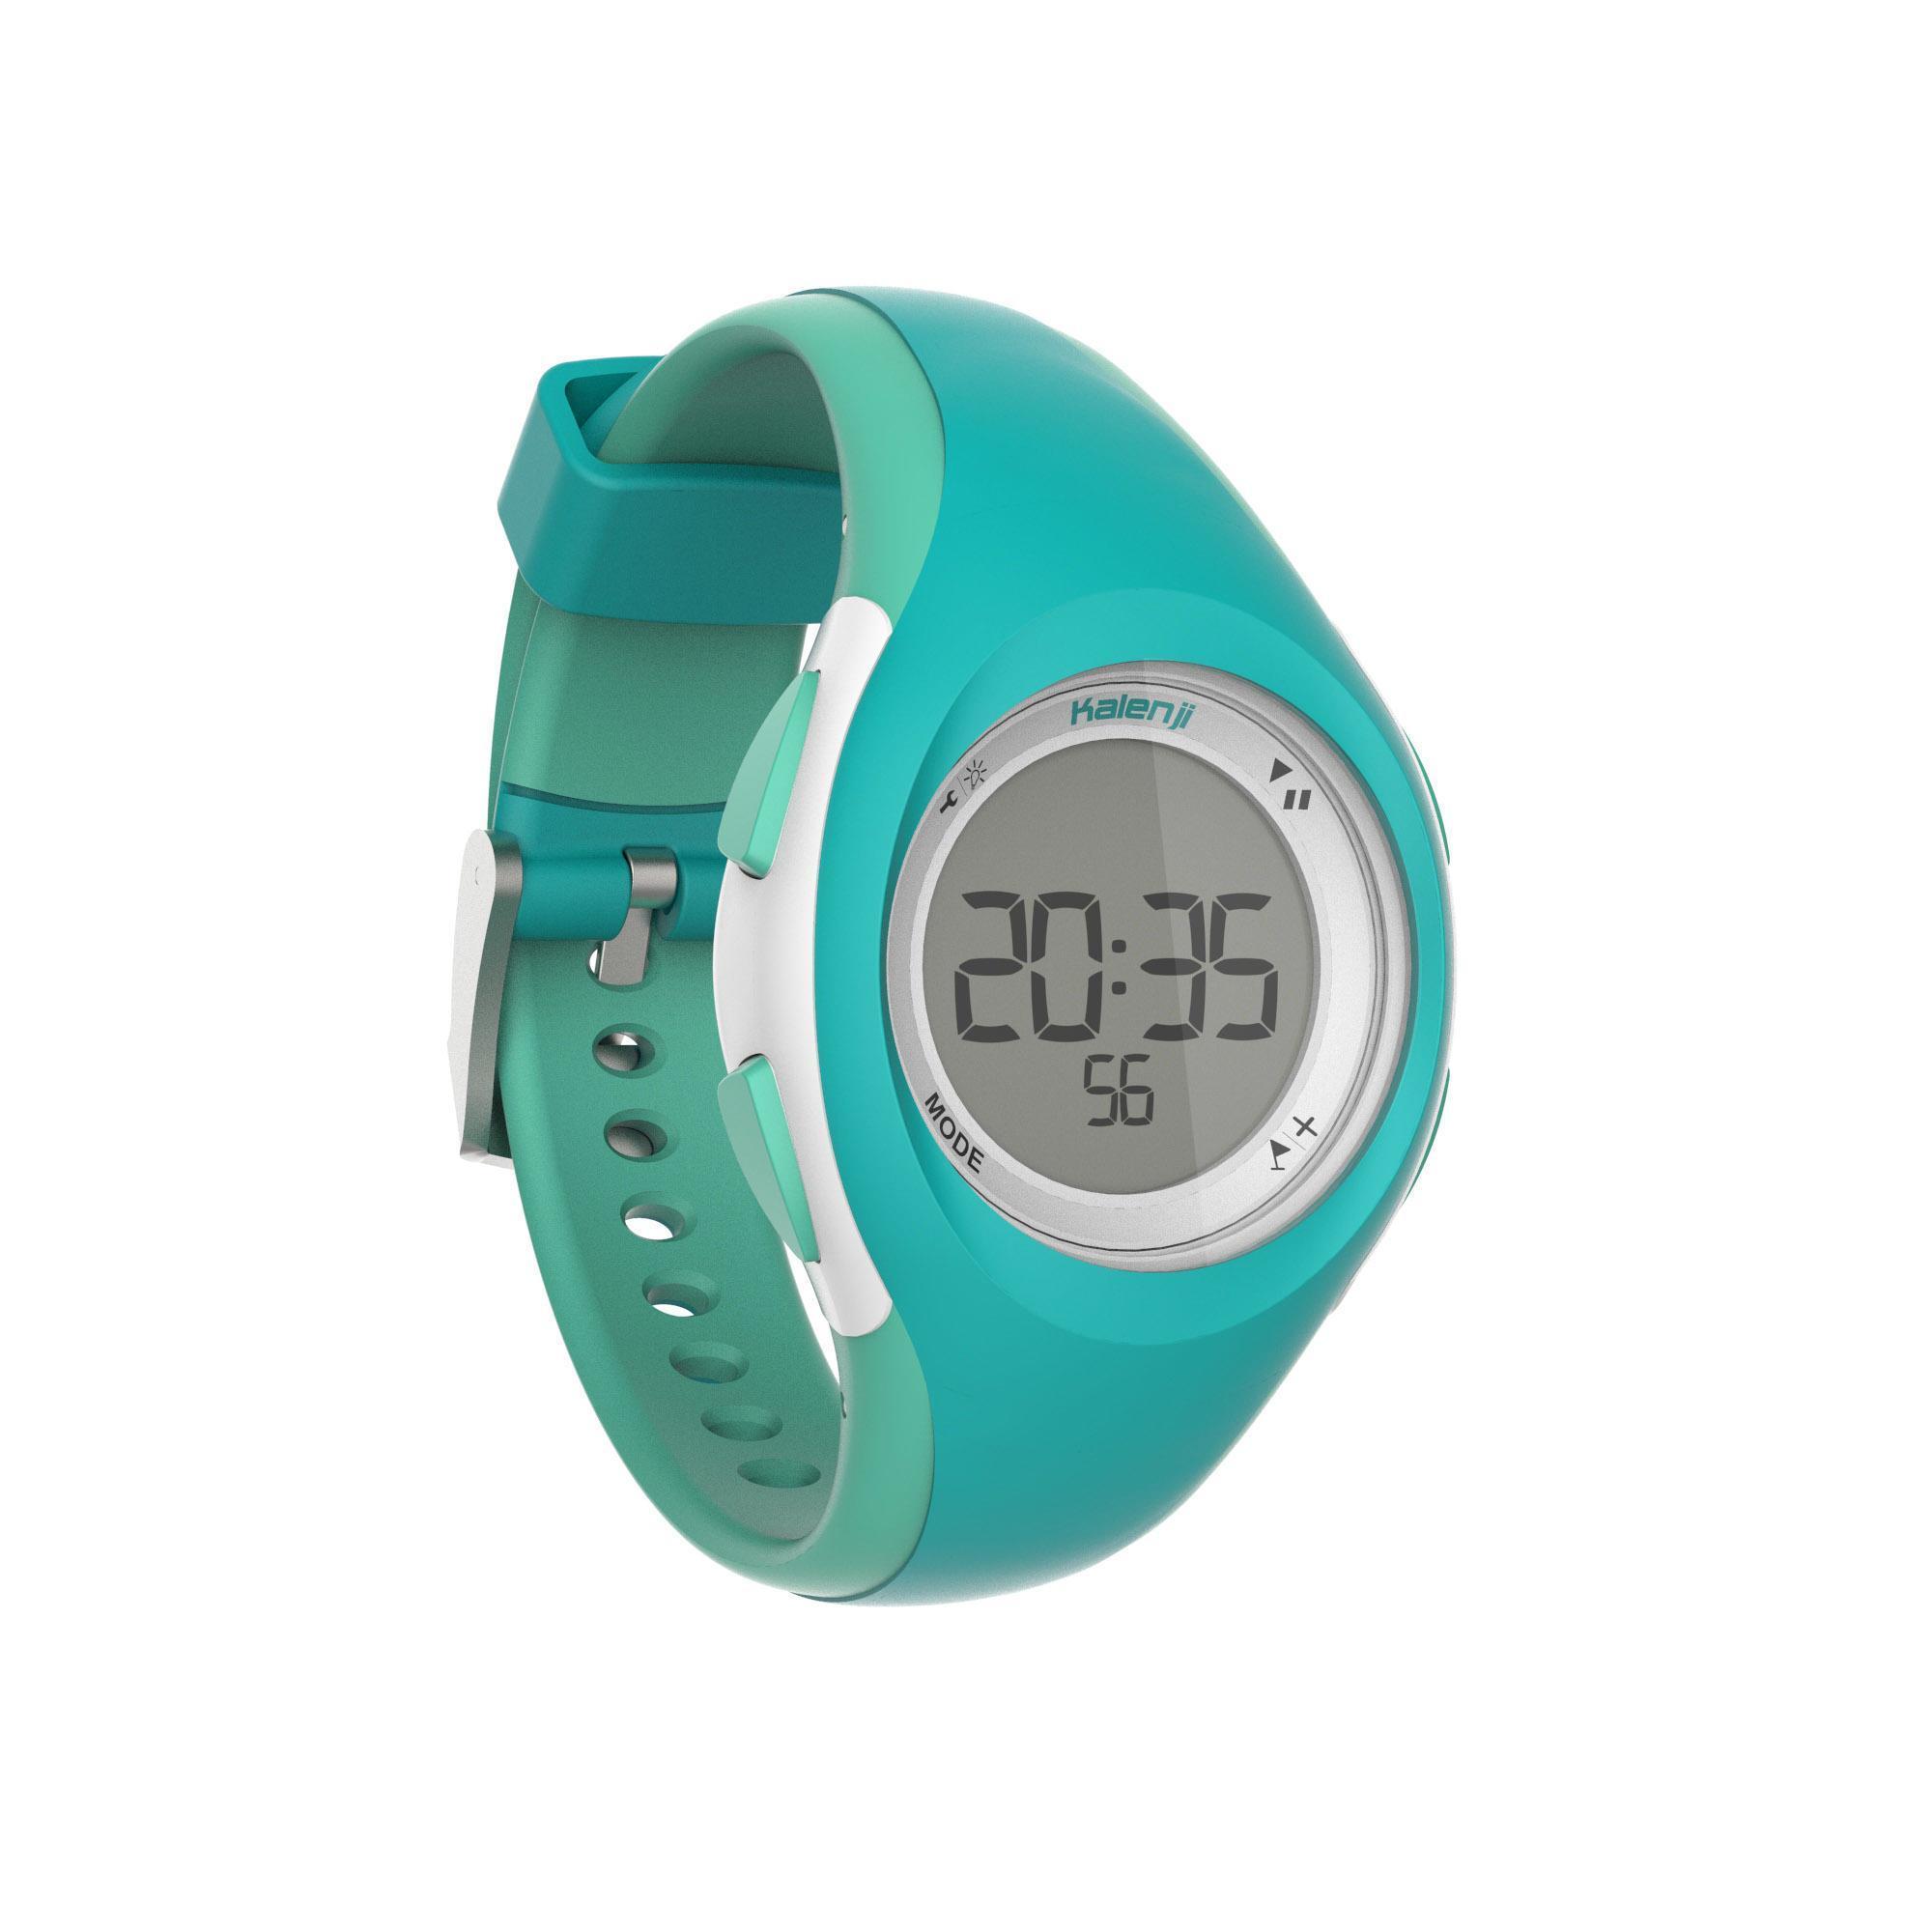 94583505342 Elektronica kopen met korting. Kalenji – Sport accessoires – Horloge – horloge  stopwatch ...